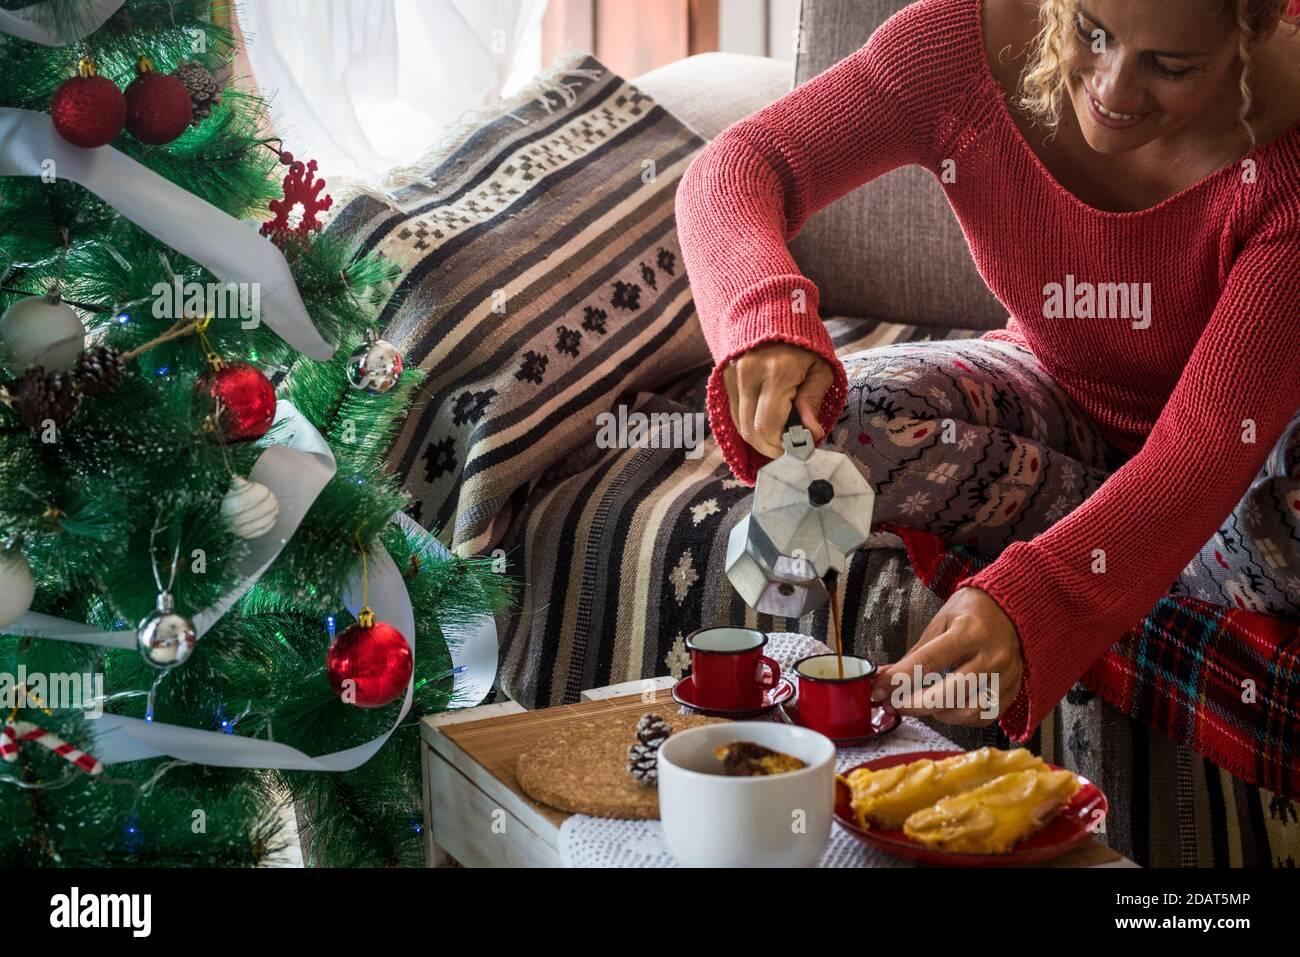 Femme servant du café le matin petit déjeuner à la maison en vacances la veille de noël - moka expresso italien café et gai les gens qui apprécient les vacances Banque D'Images